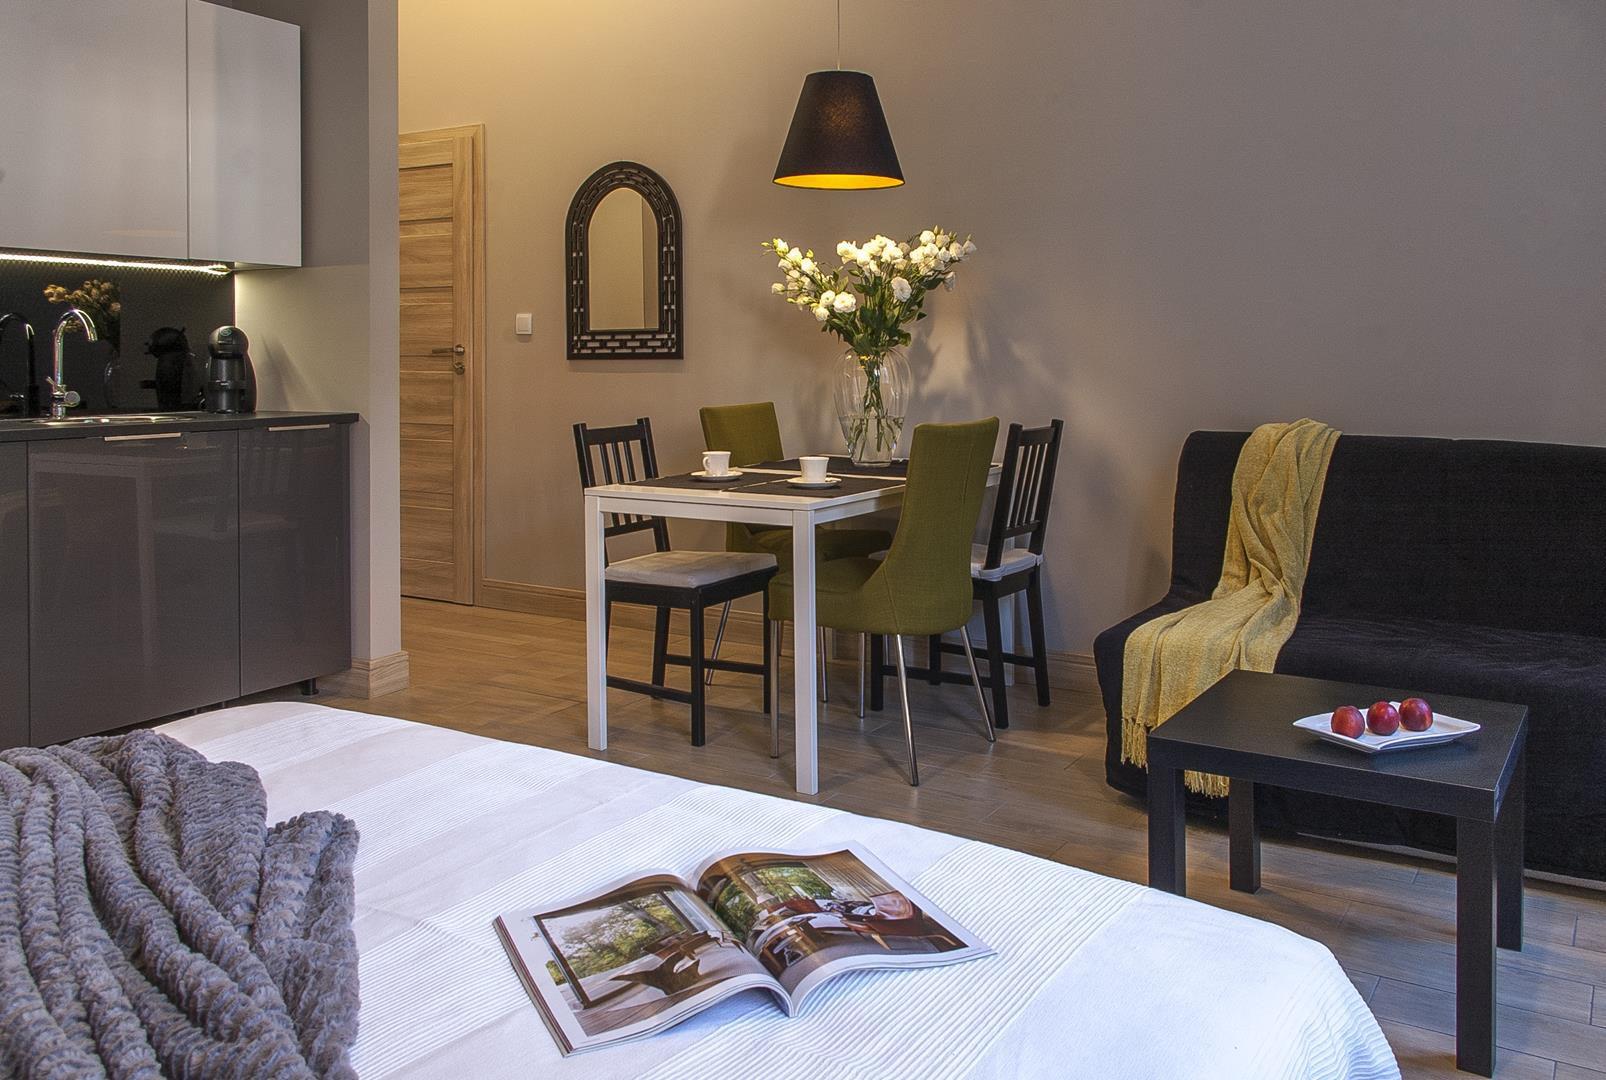 apartament w częstochowie, łóżko i stolik